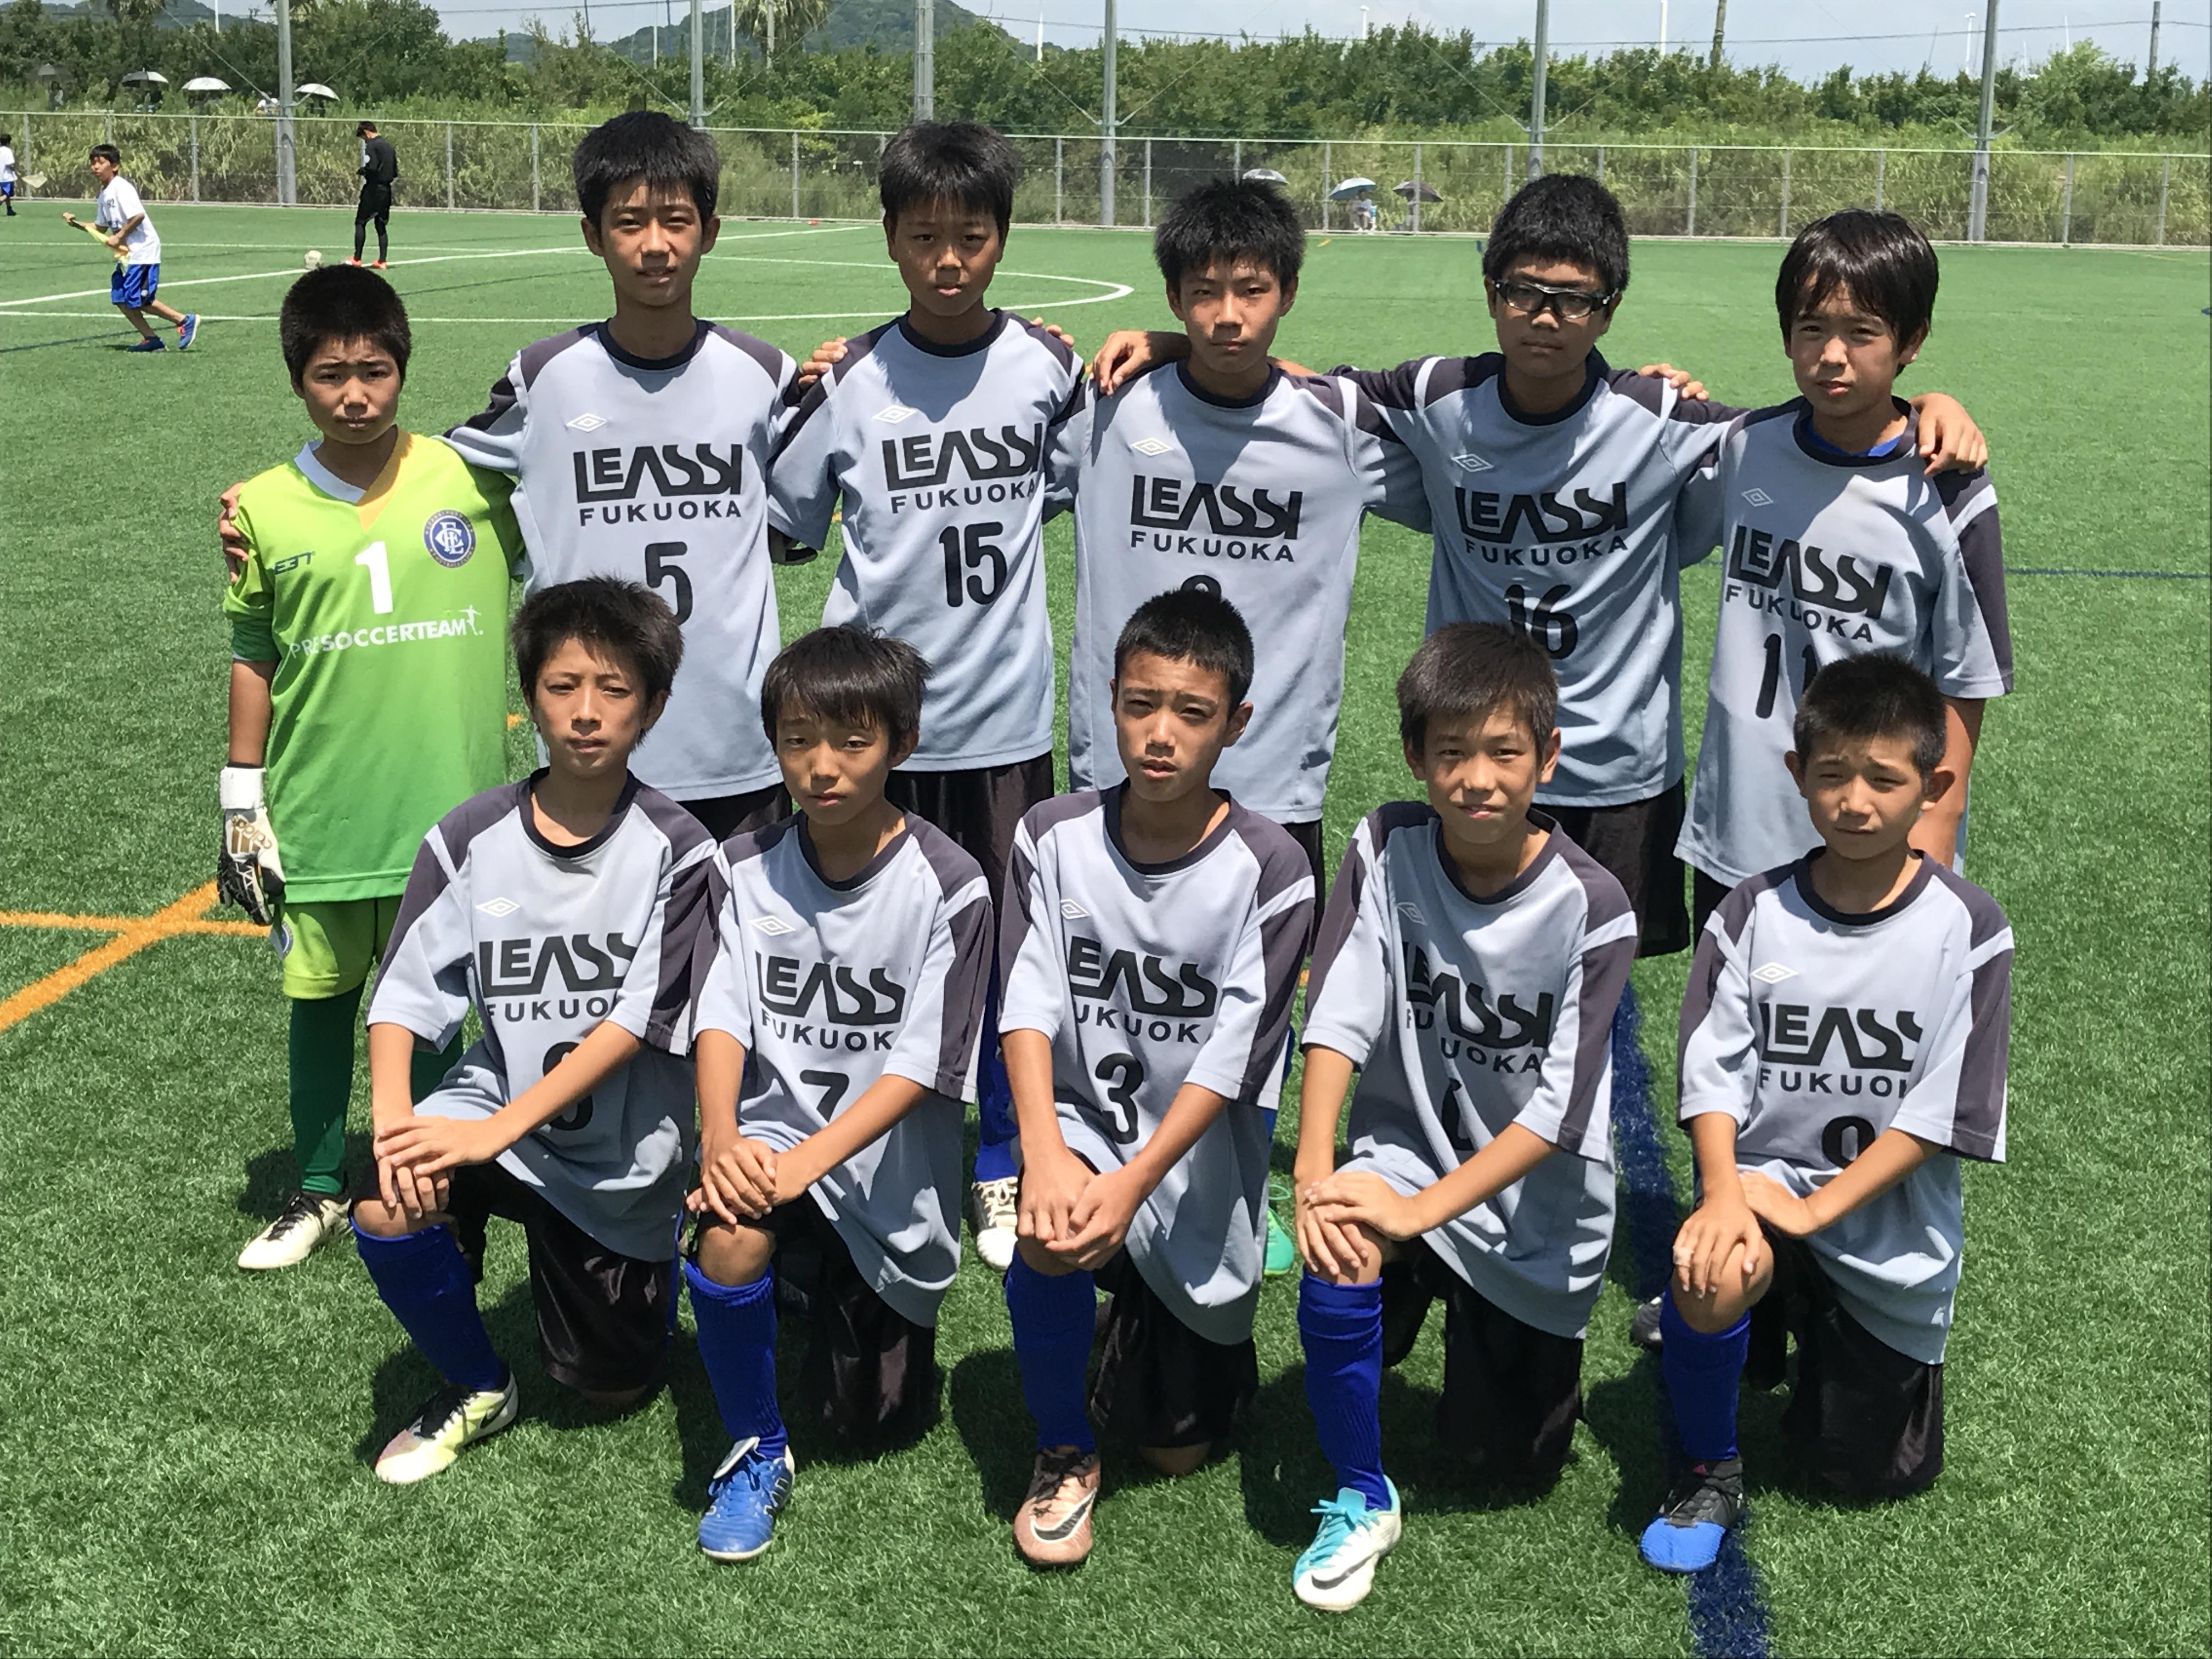 U13県リーグAzulチーム プロクラブのギラヴァンツと対戦!